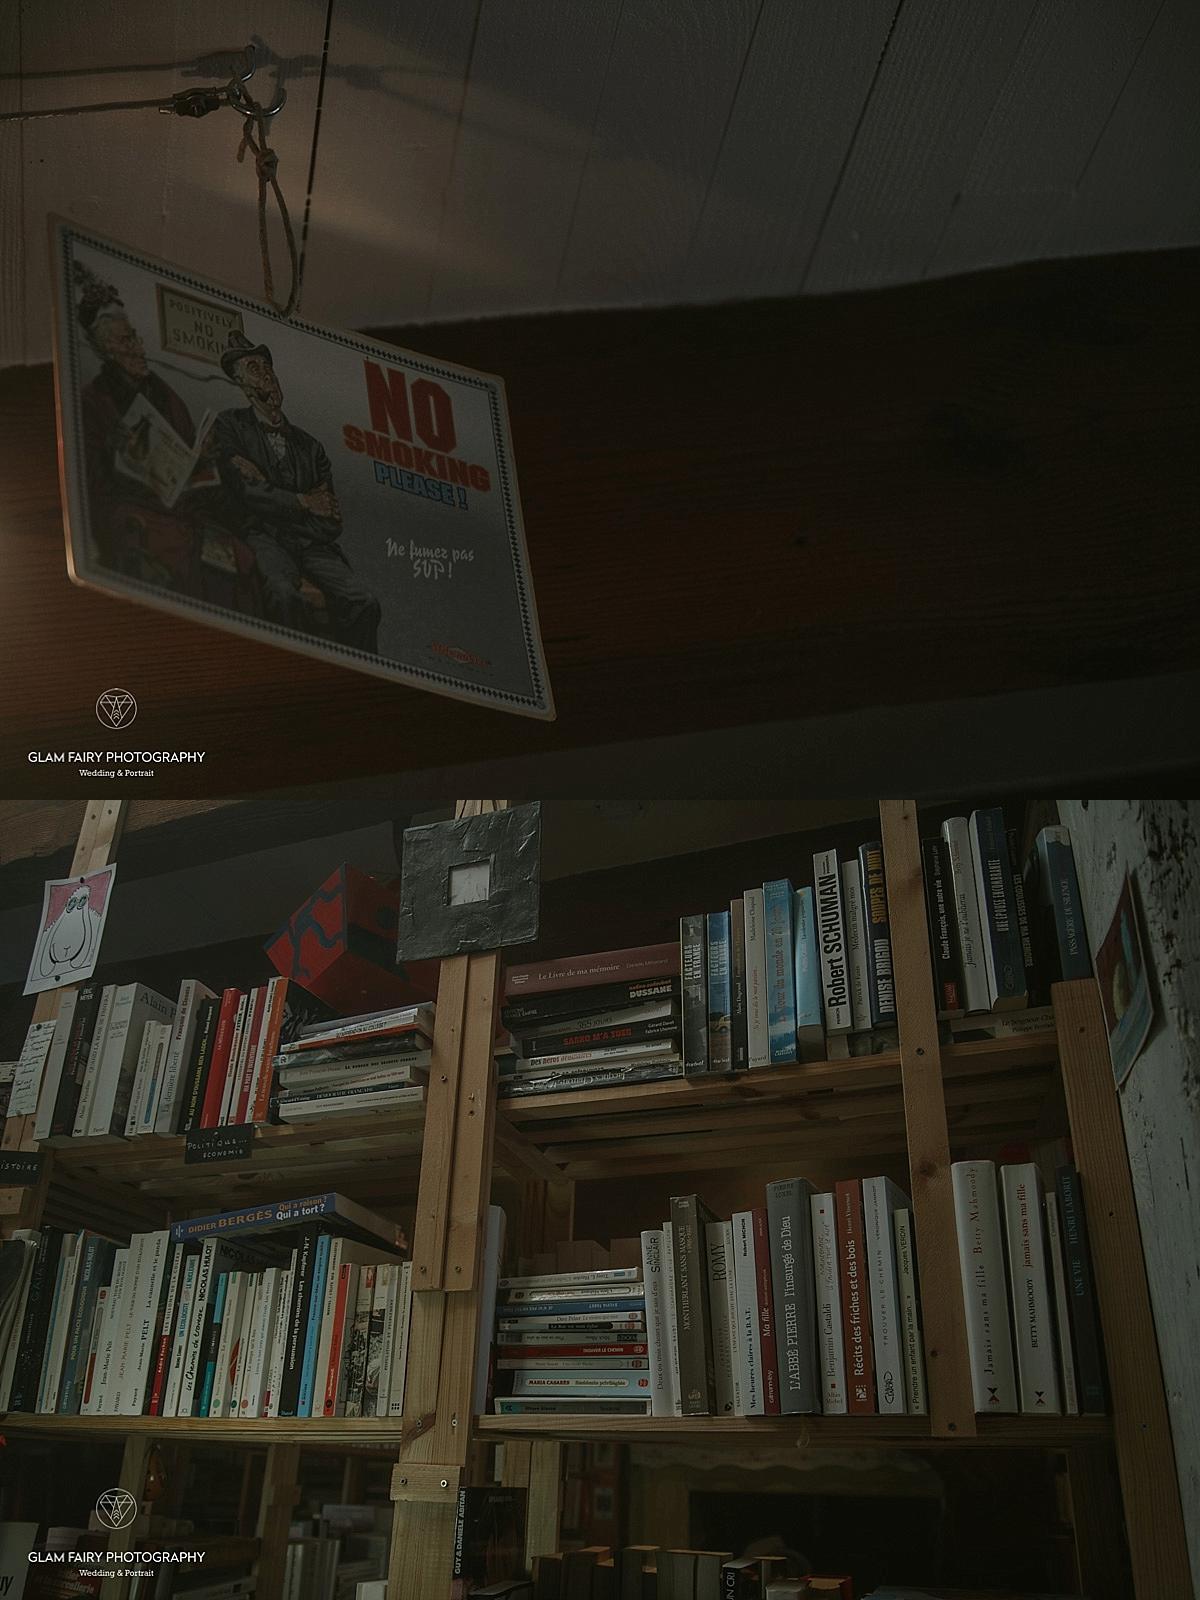 GlamFairyPhotography-bookshop-kervoyelles_0006